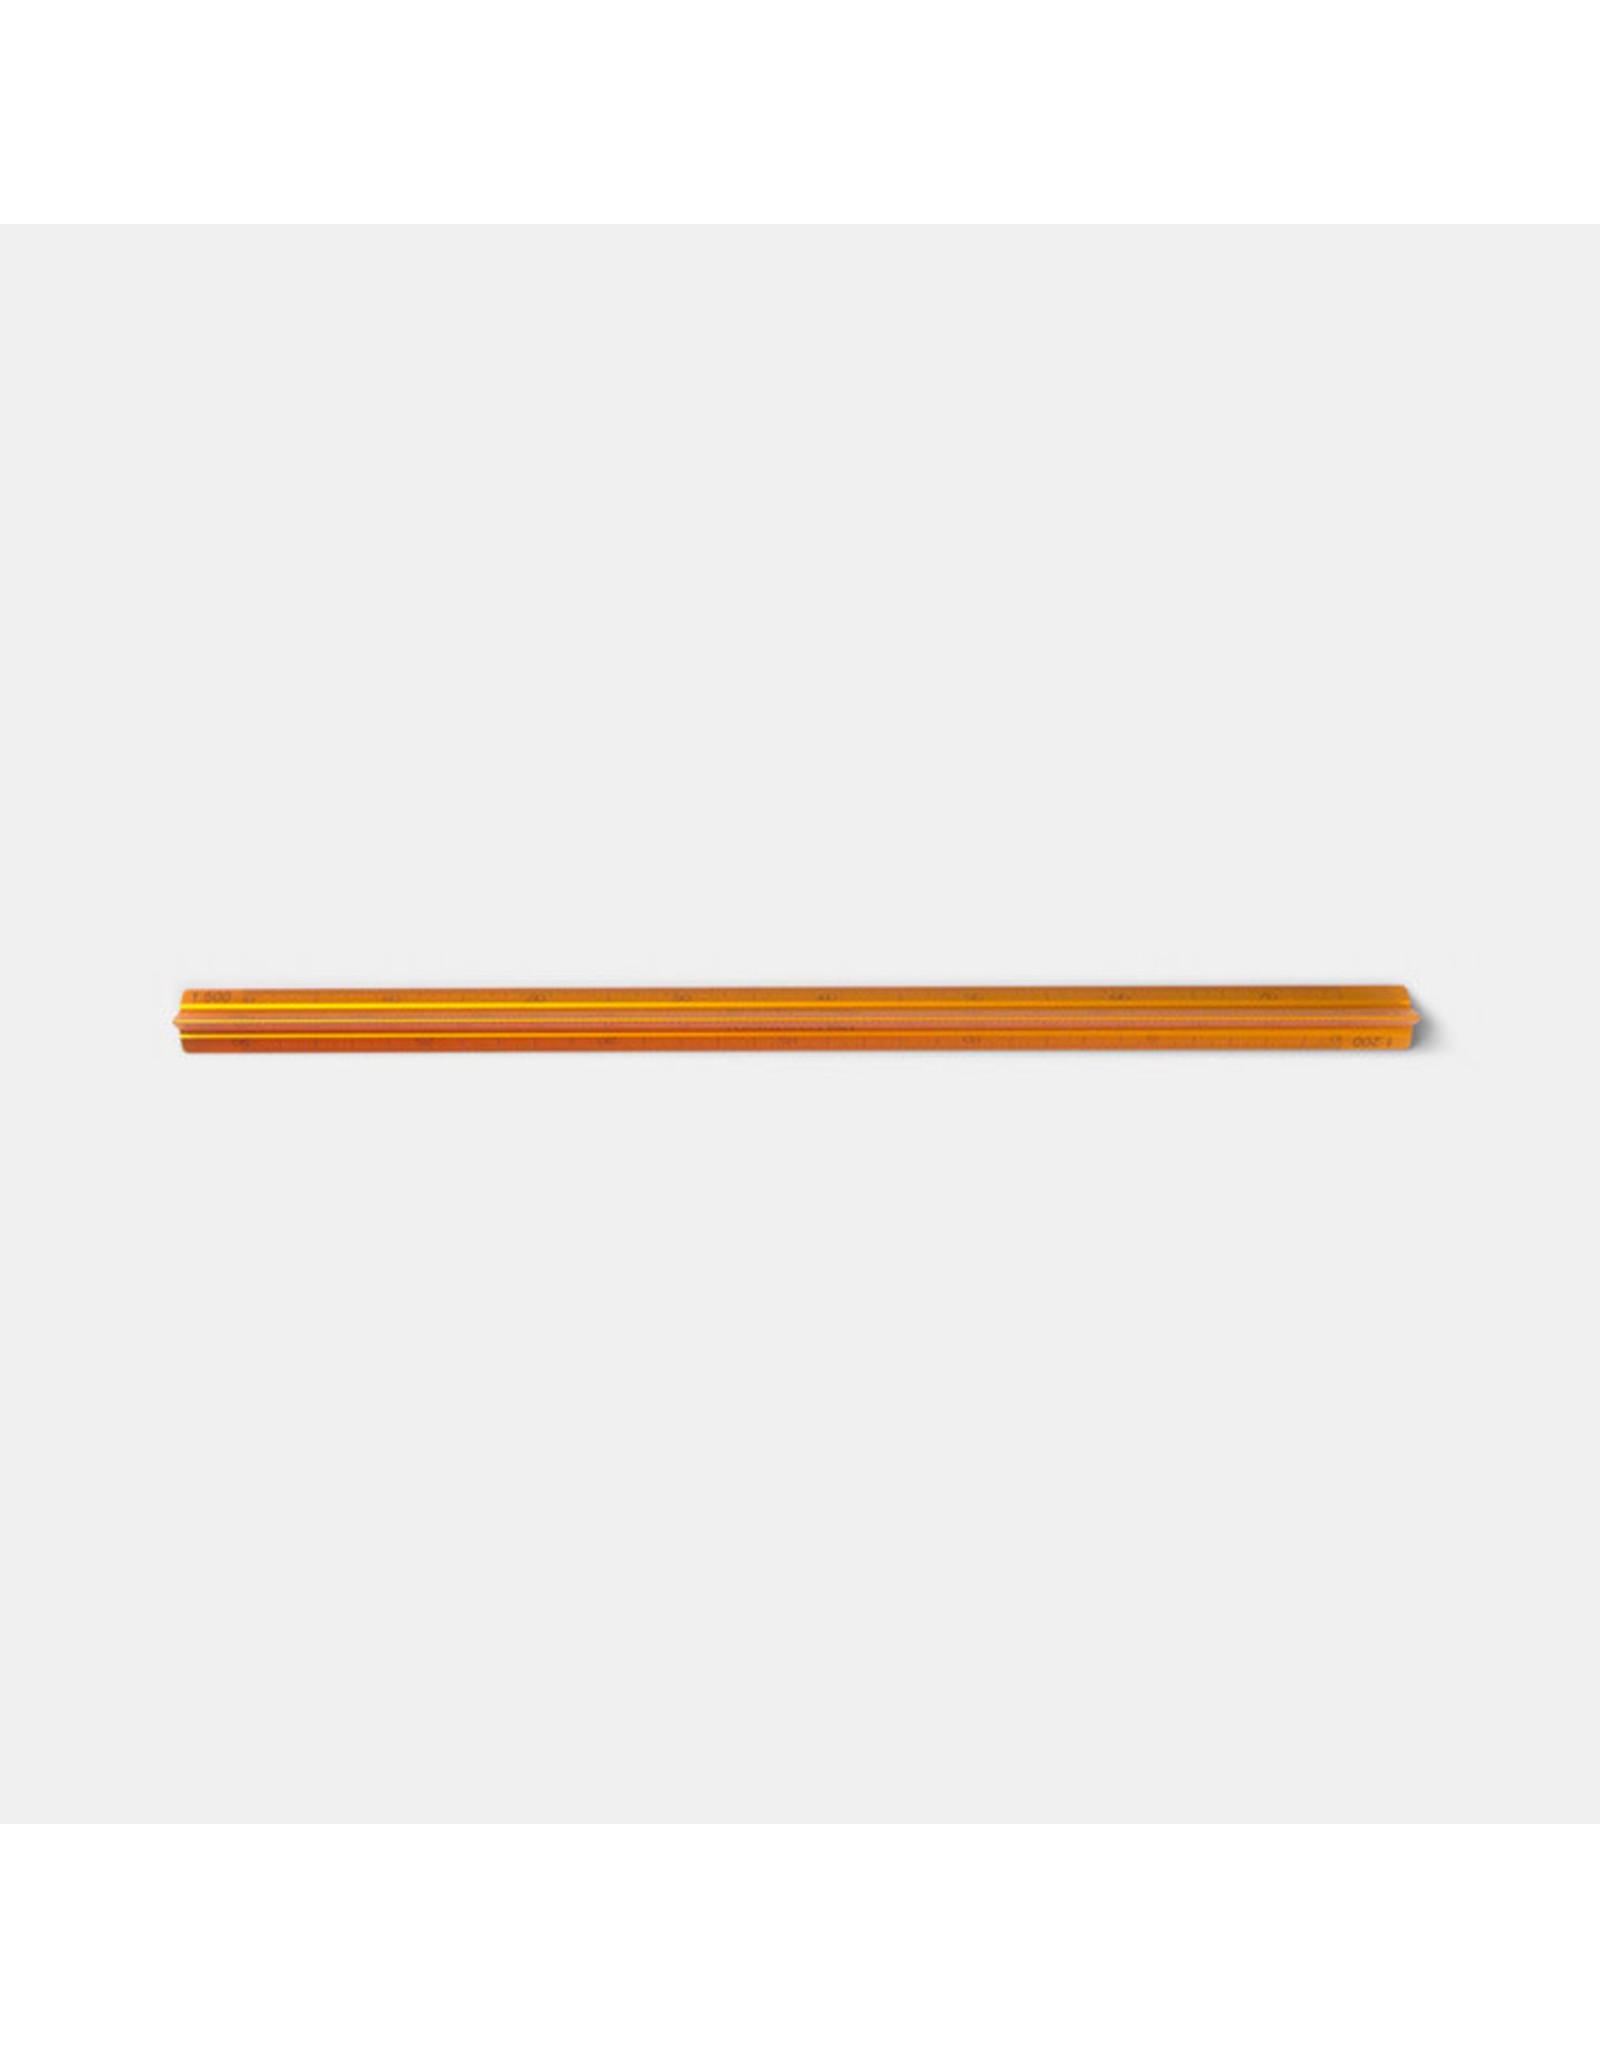 Tools to liveby Meetlat schaal geel 15cm